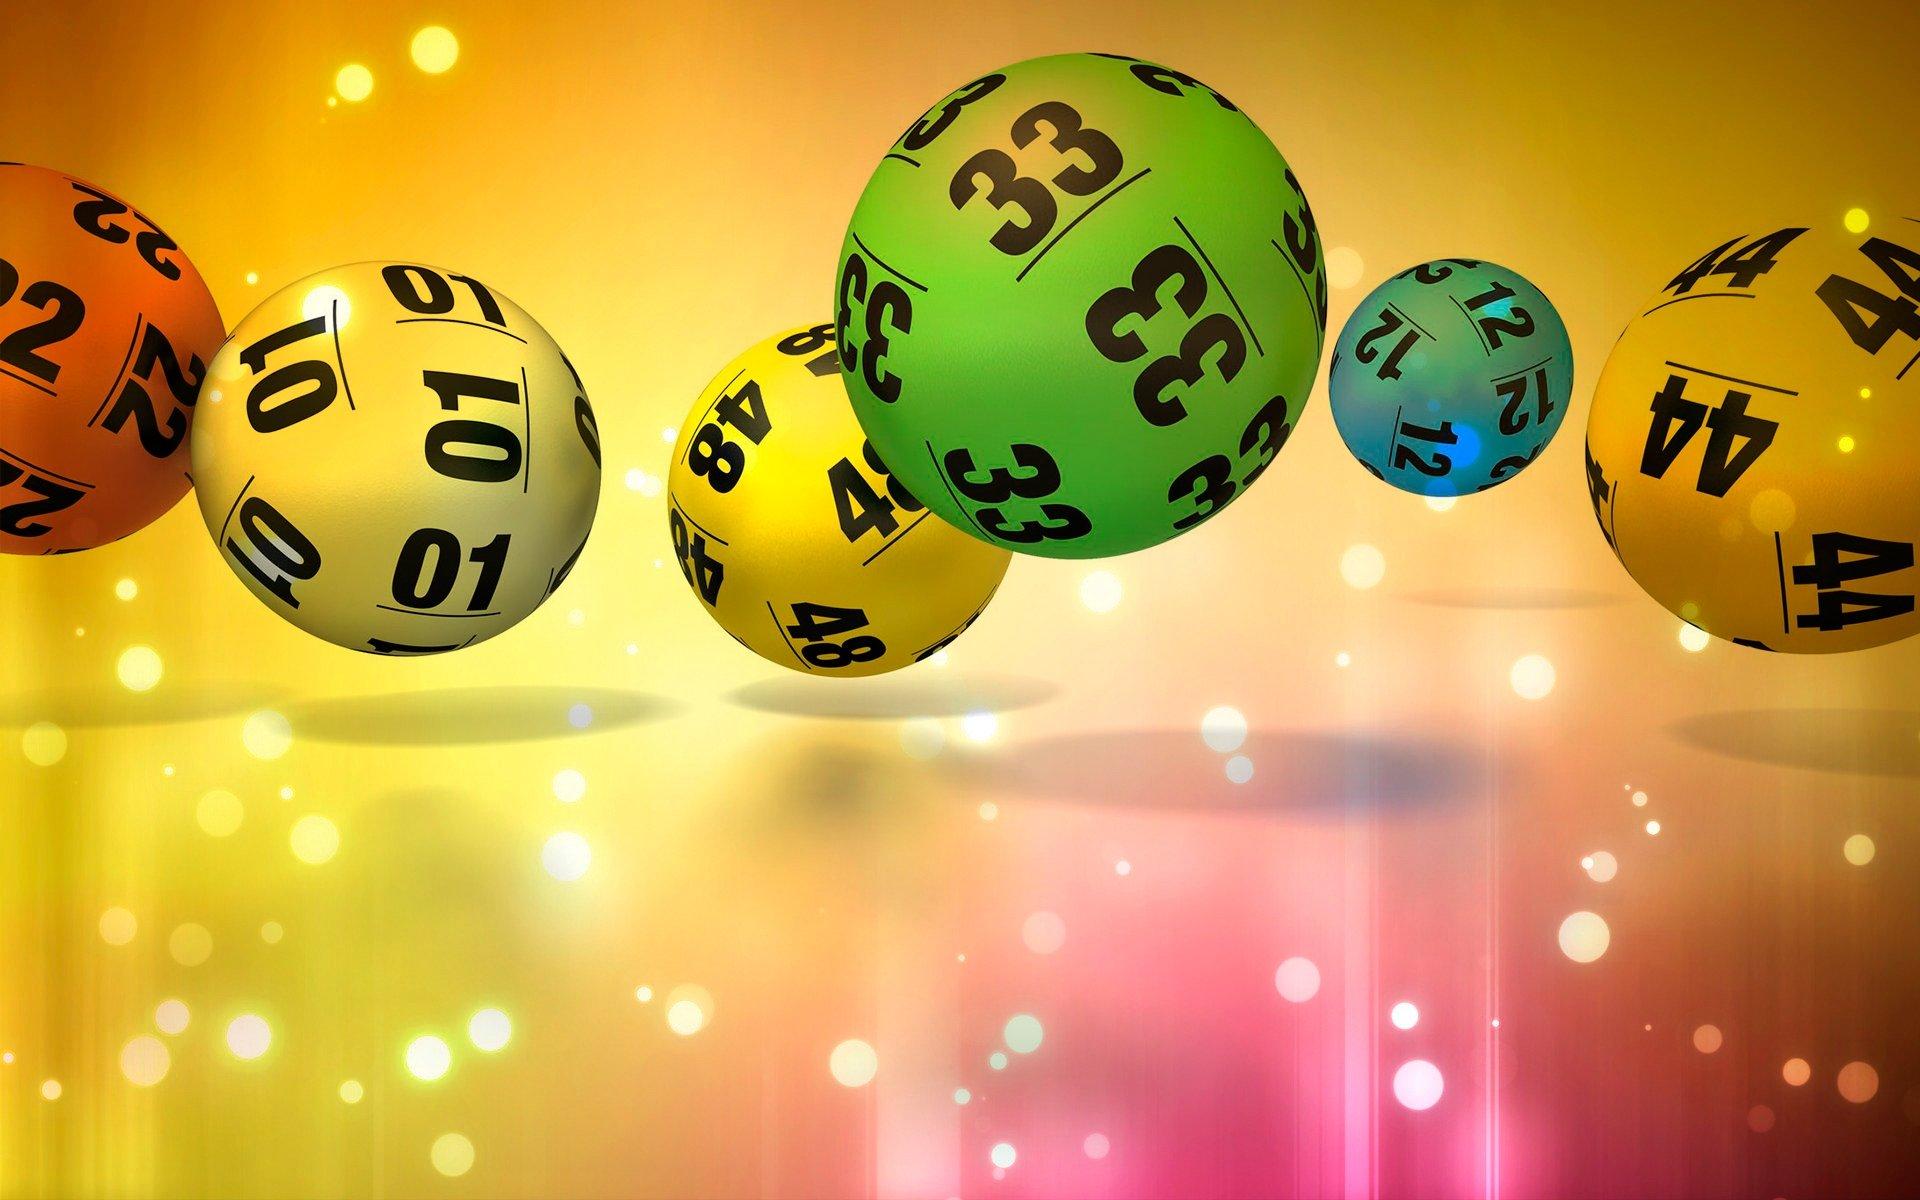 Мужчина одержал победу влотерею больше млн долларов благодаря незнакомой женщине